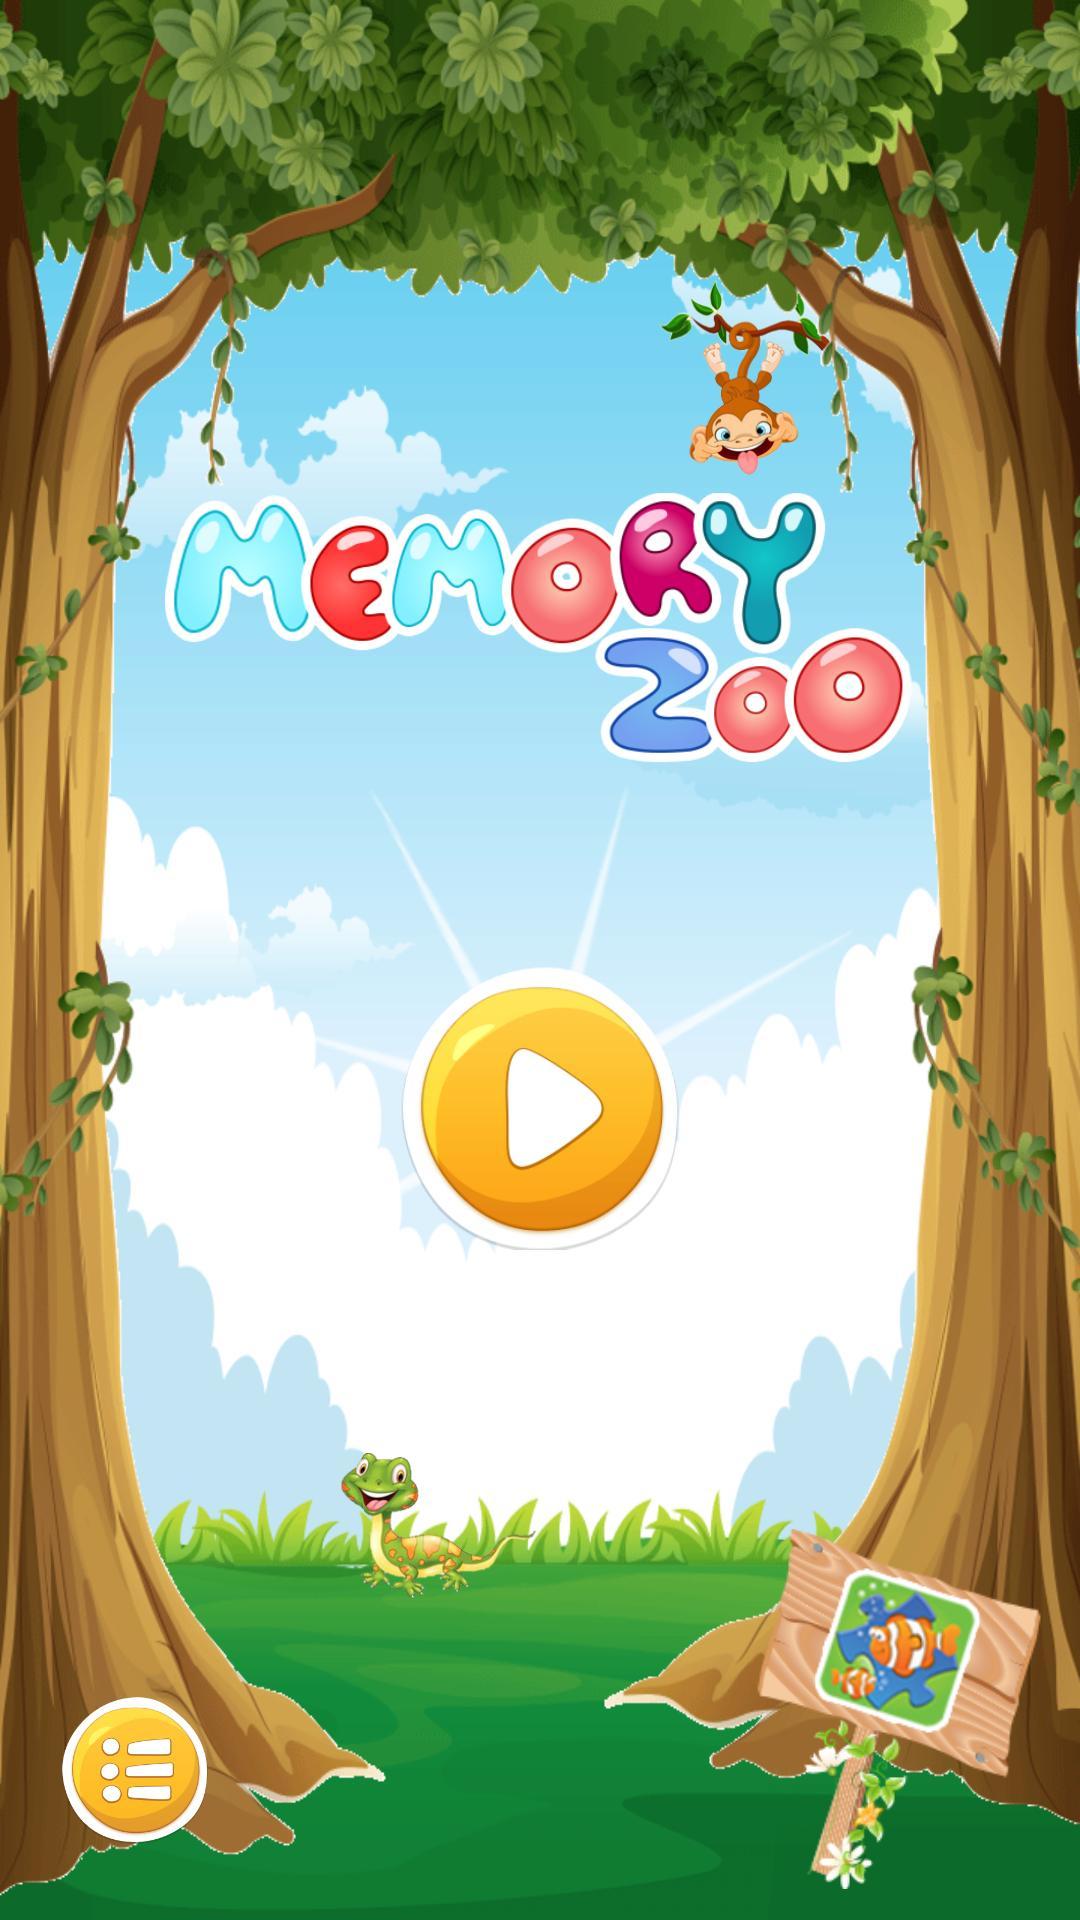 Android Için Memory Zoo Anime Pour Les Enfants - Apk'yı İndir destiné Memory Enfant Gratuit